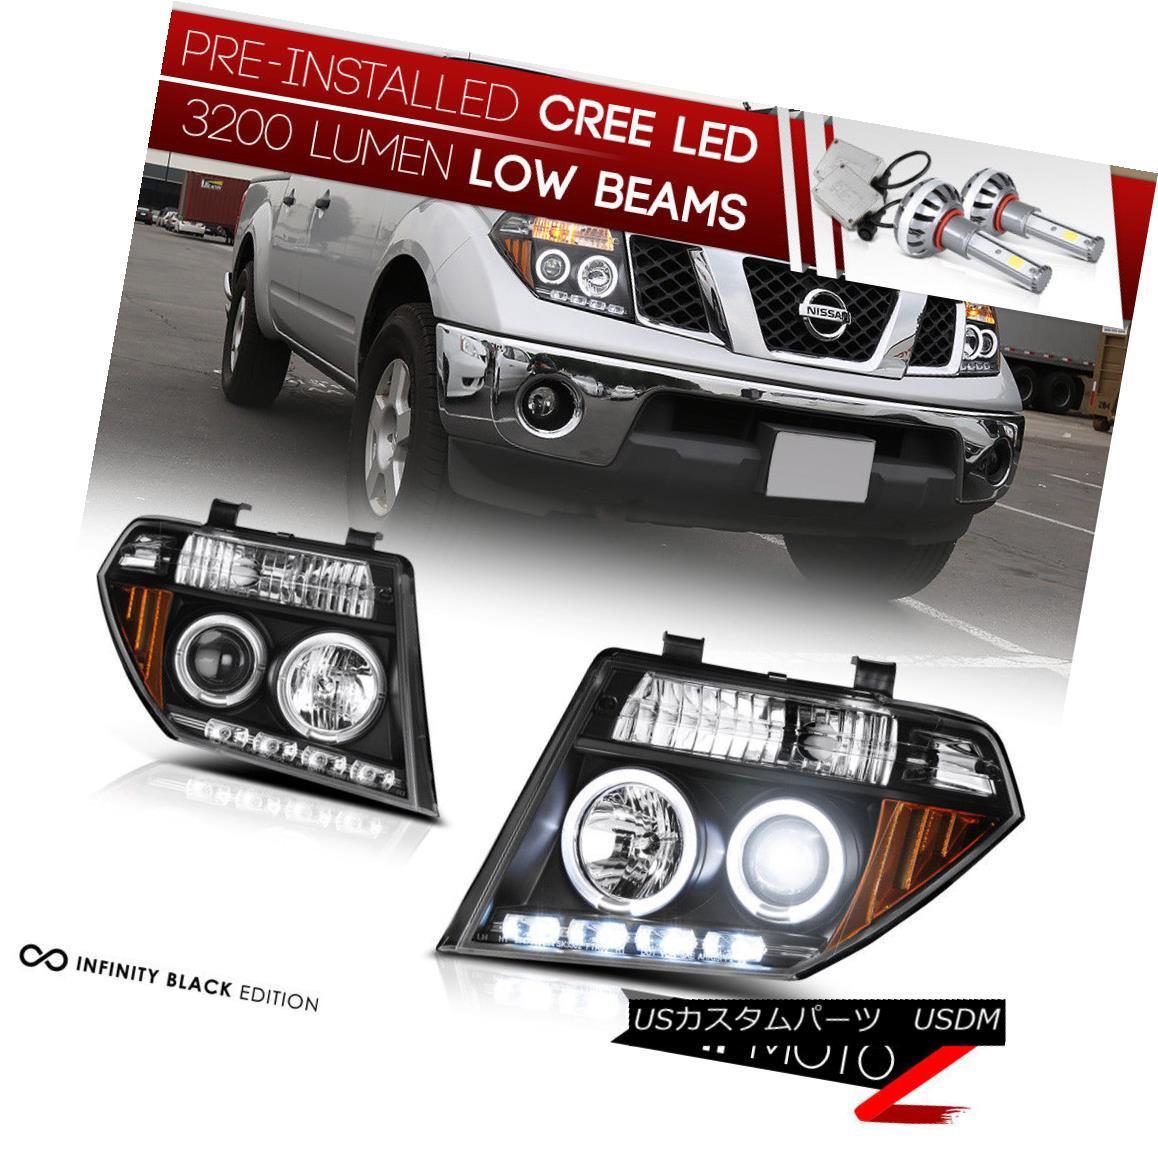 ヘッドライト [CREE LED Bulb] For 05-08 Pathfinder Black LED DRL Dual Halo Projector Headlight [クリーLEDバルブ] 05-08パスファインダーブラックLED DRLデュアルヘイロープロジェクターヘッドライト